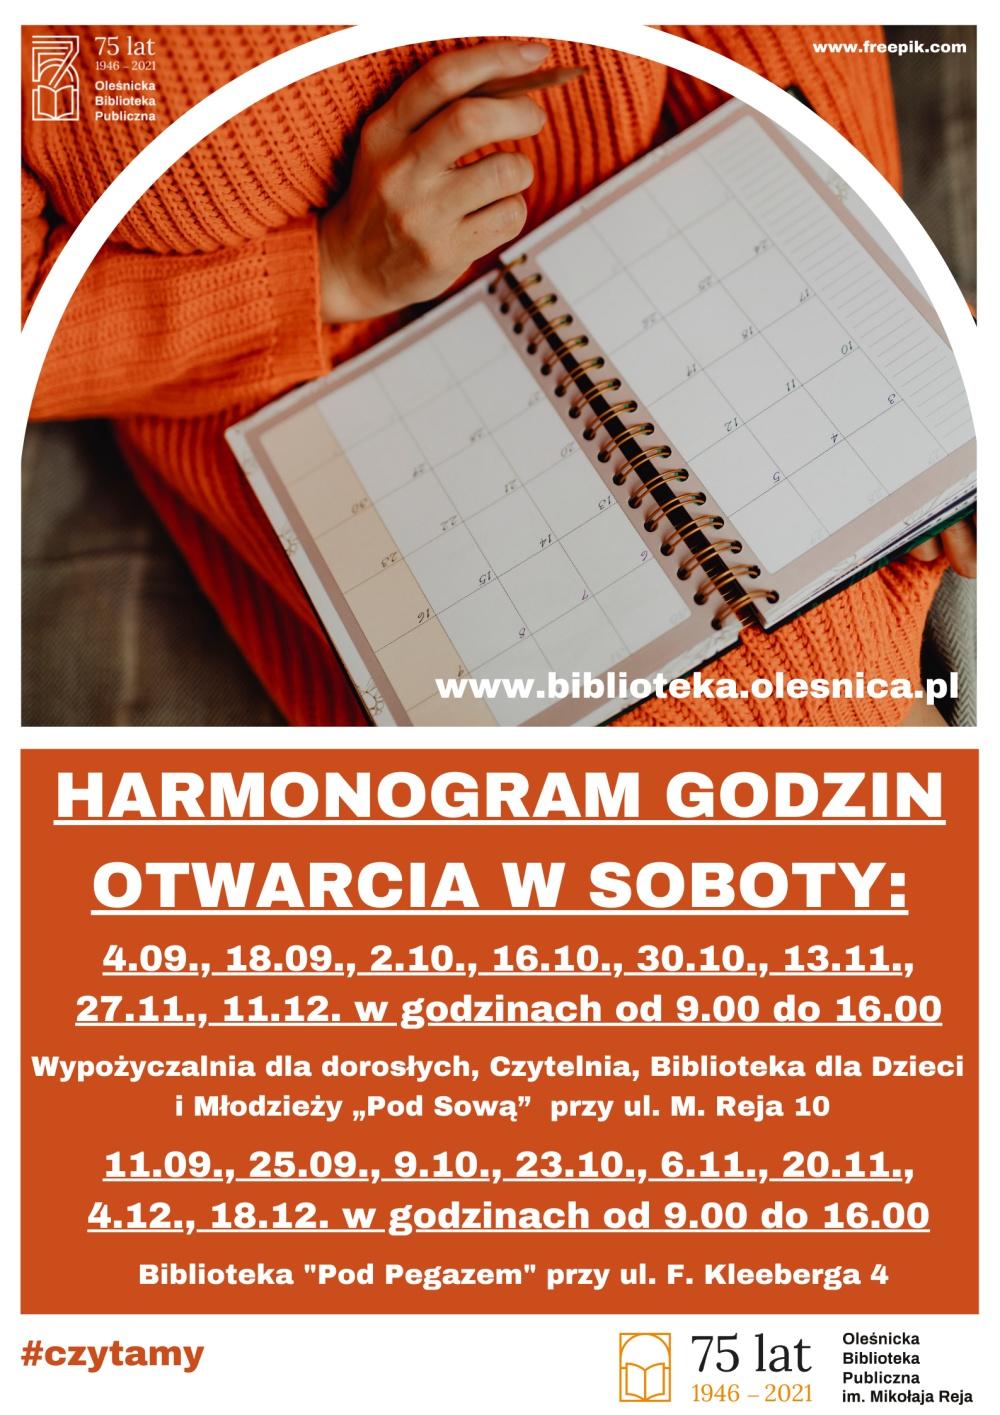 Harmonogram dyżurów w soboty od września do grudnia 2021 roku